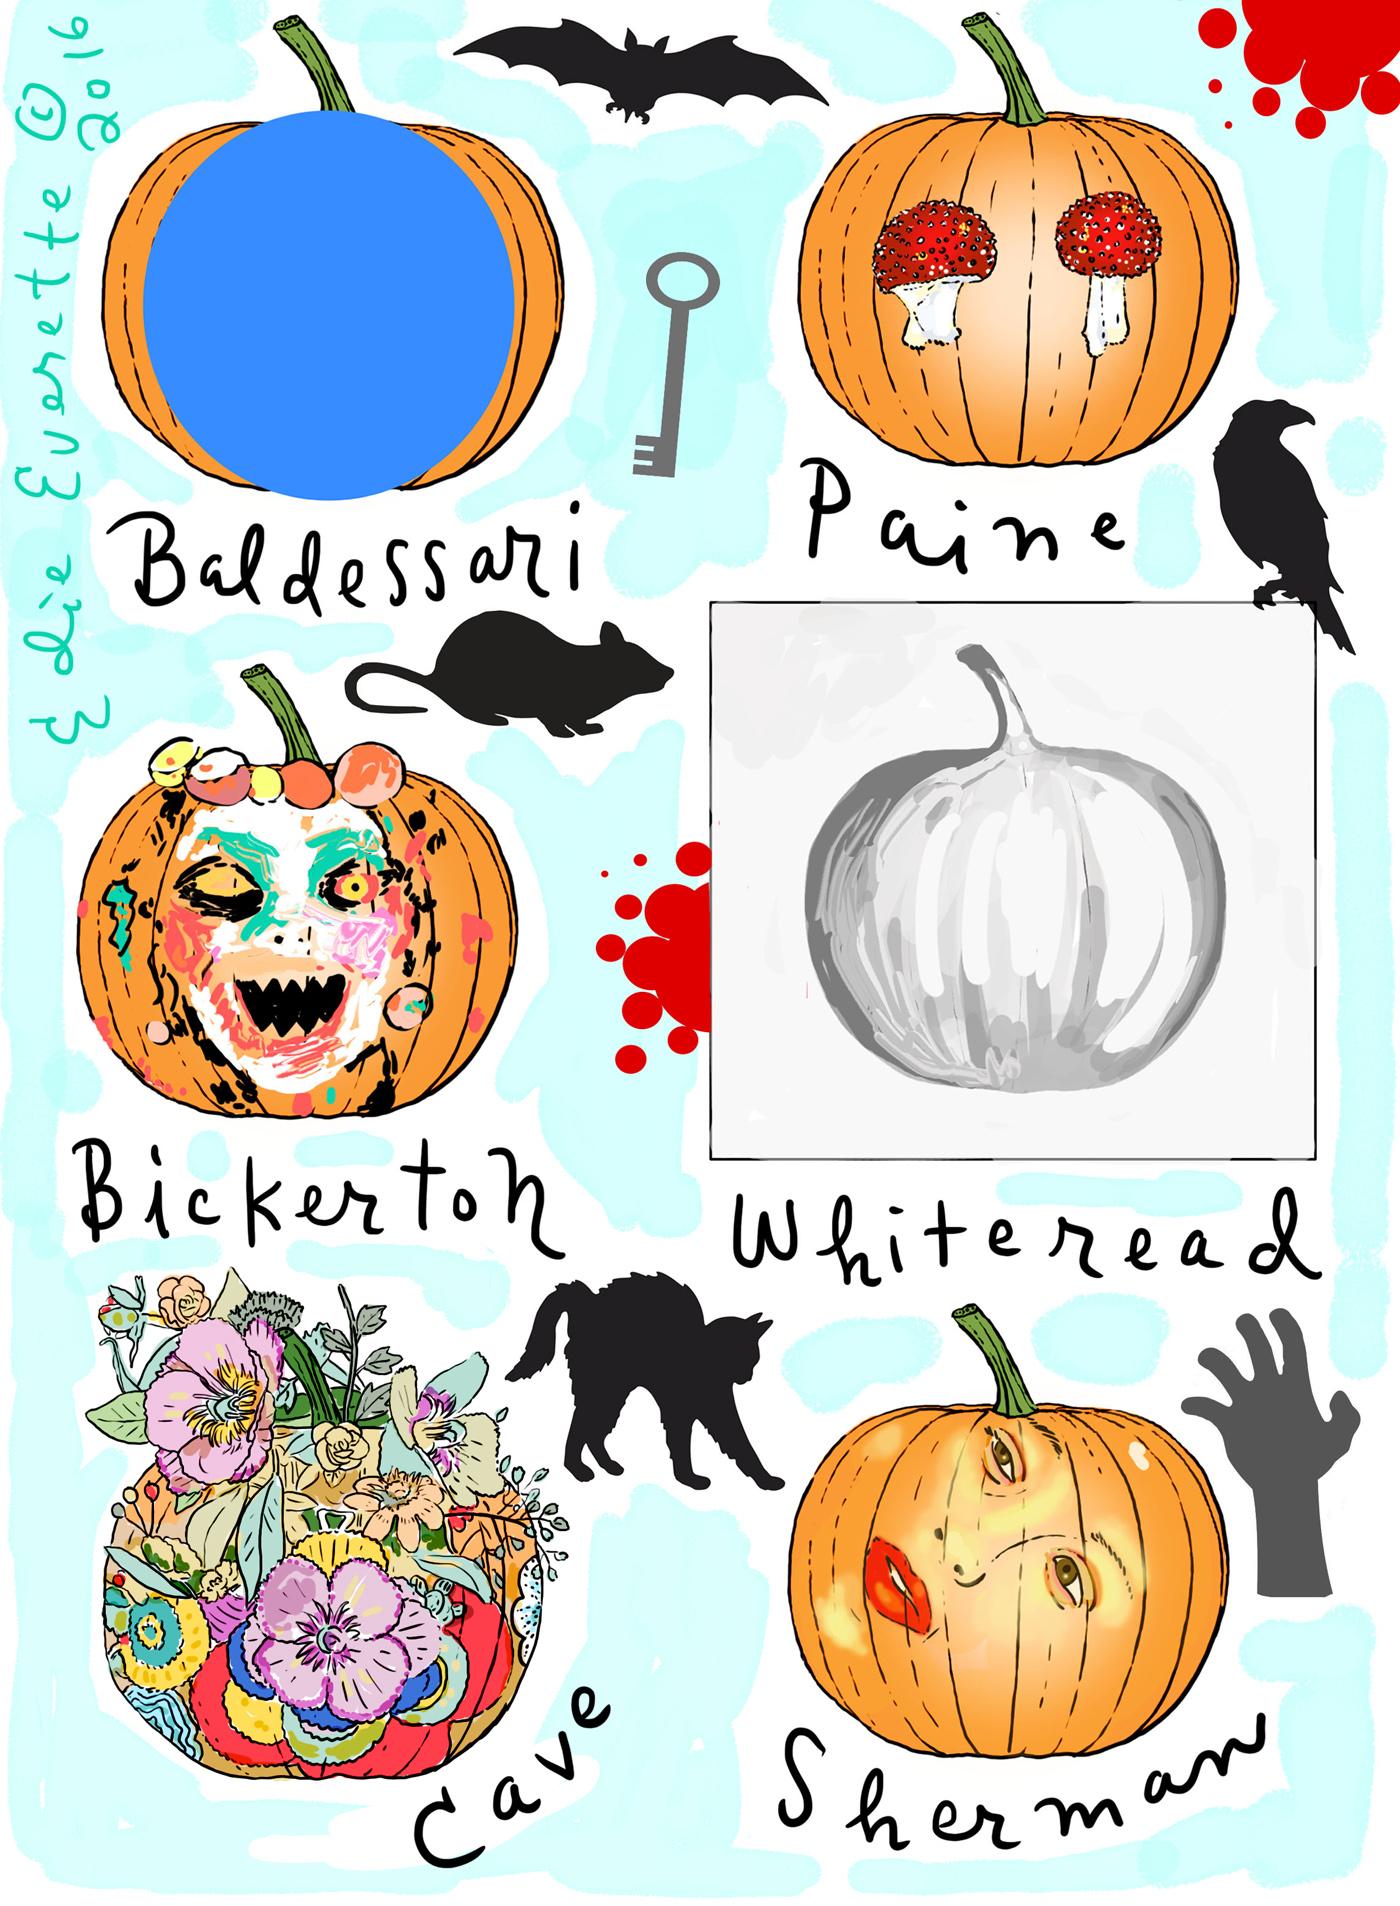 EveretteArtistPumpkinsFixed0930HyperSize.jpg